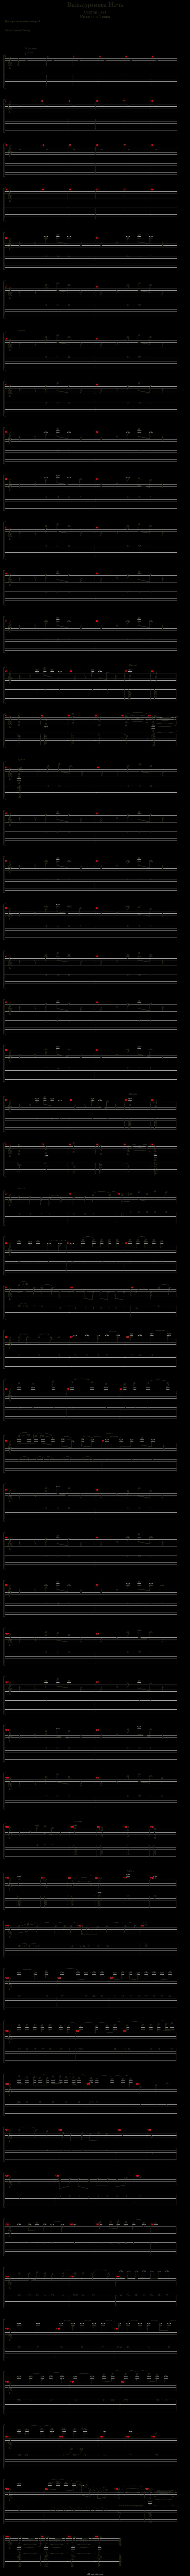 Сектор Газа - Вальпургиева ночь, аккорды для гитары